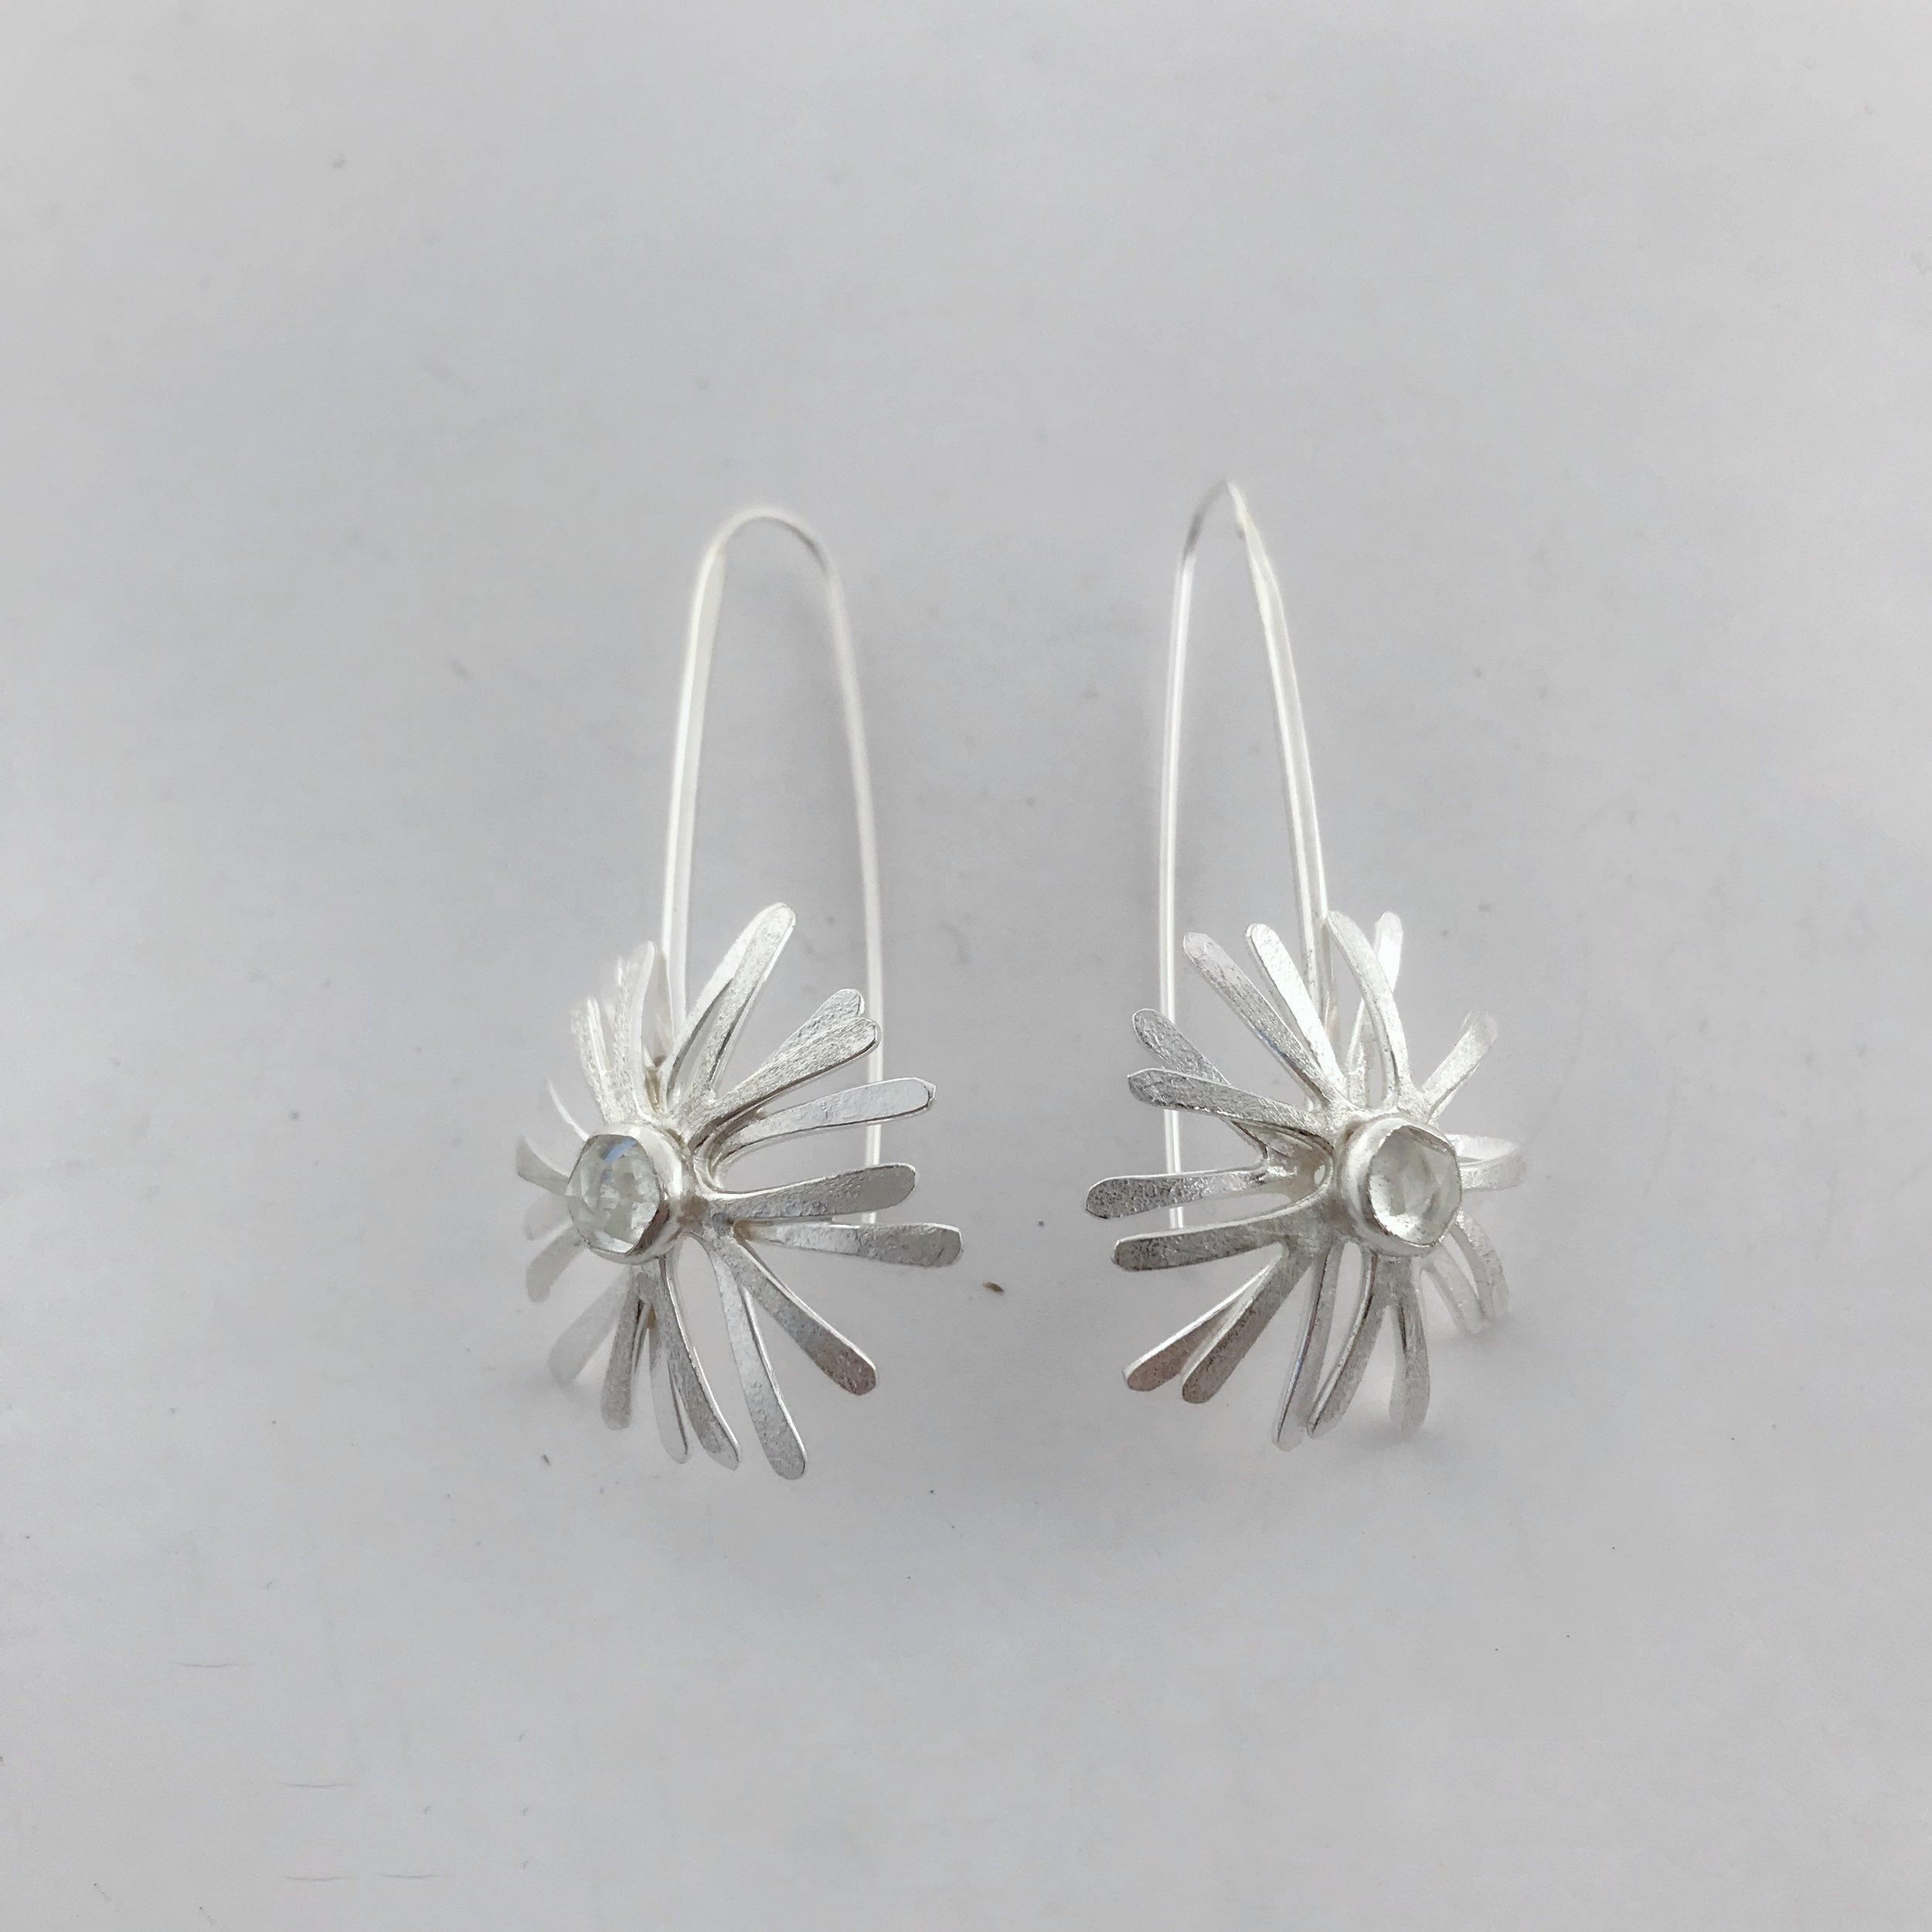 Starburst Earrings, Sterling Silver, White Topaz